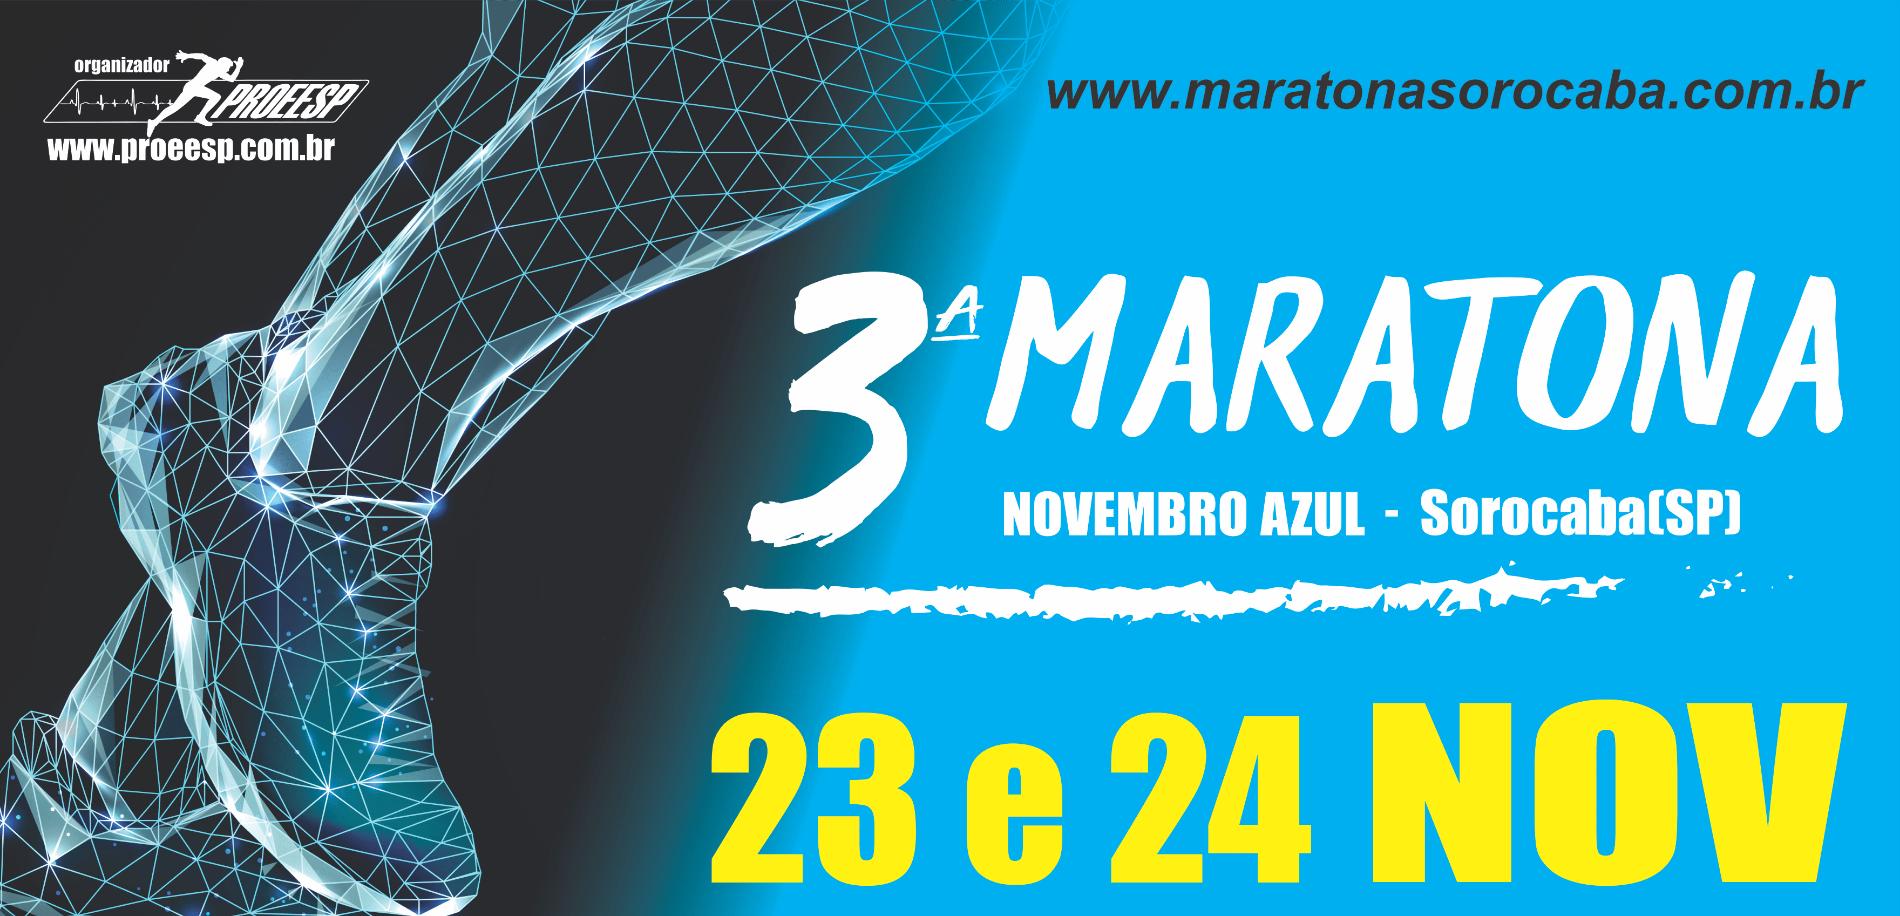 3ª MARATONA DE SOROCABA NOVEMBRO AZUL - 2019